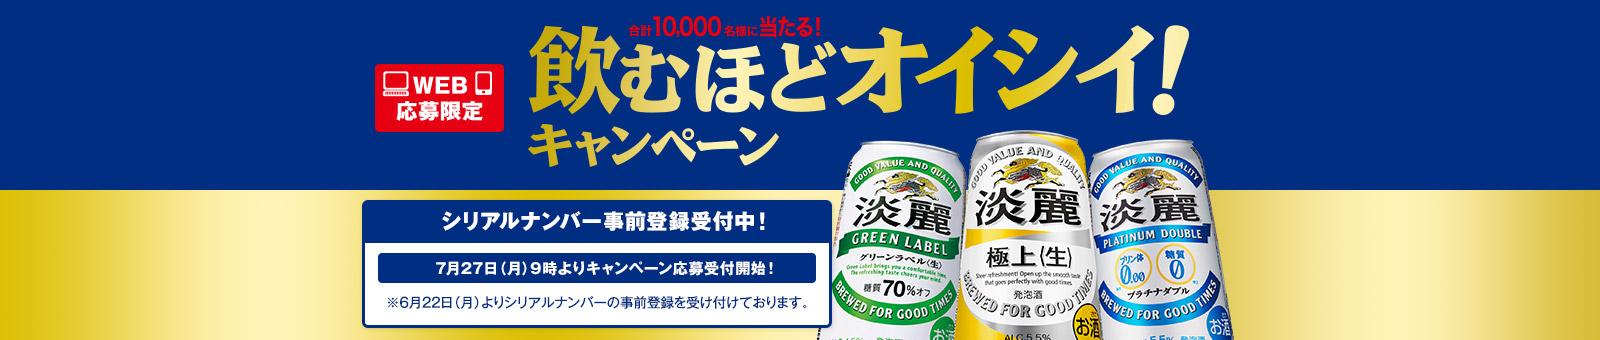 KIRINの淡麗 飲むほどオイシイキャンページで淡麗を買うと抽選で6000名に350ml×6本セットなどが当たる。貰った淡麗で応募しよう。~9/30。